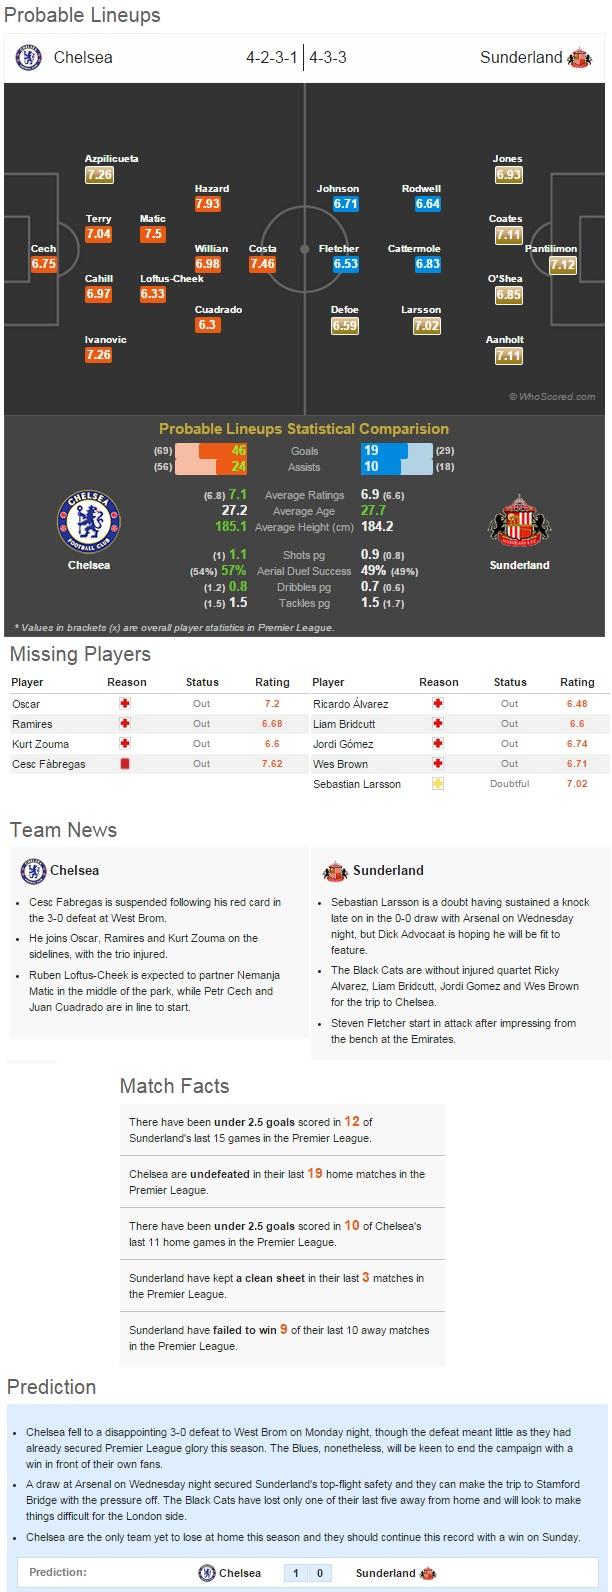 Chelsea Sunderland